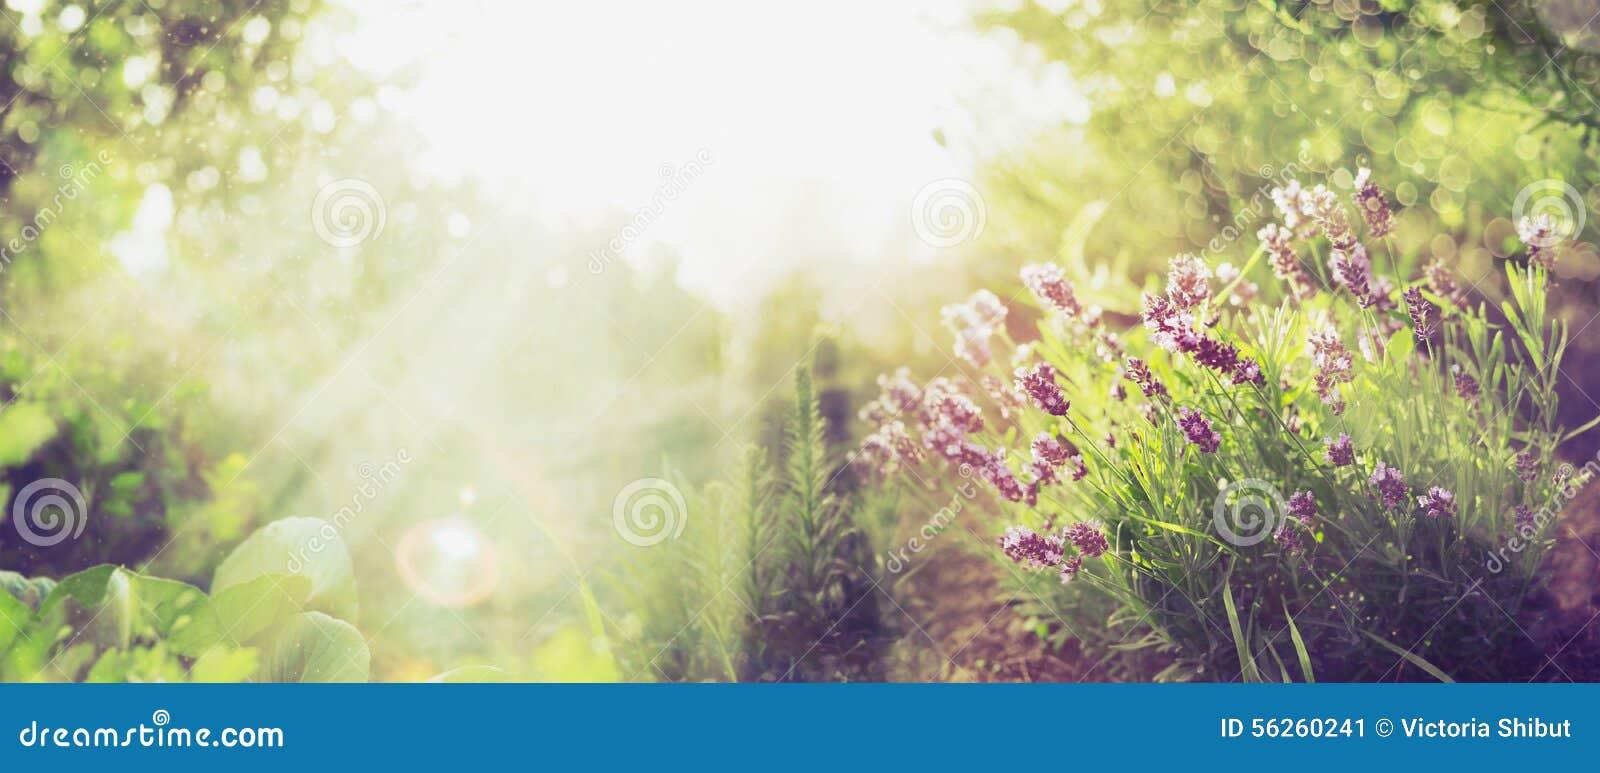 El fondo del jardín del verano con lavanda y Sun irradia, bandera para el sitio web